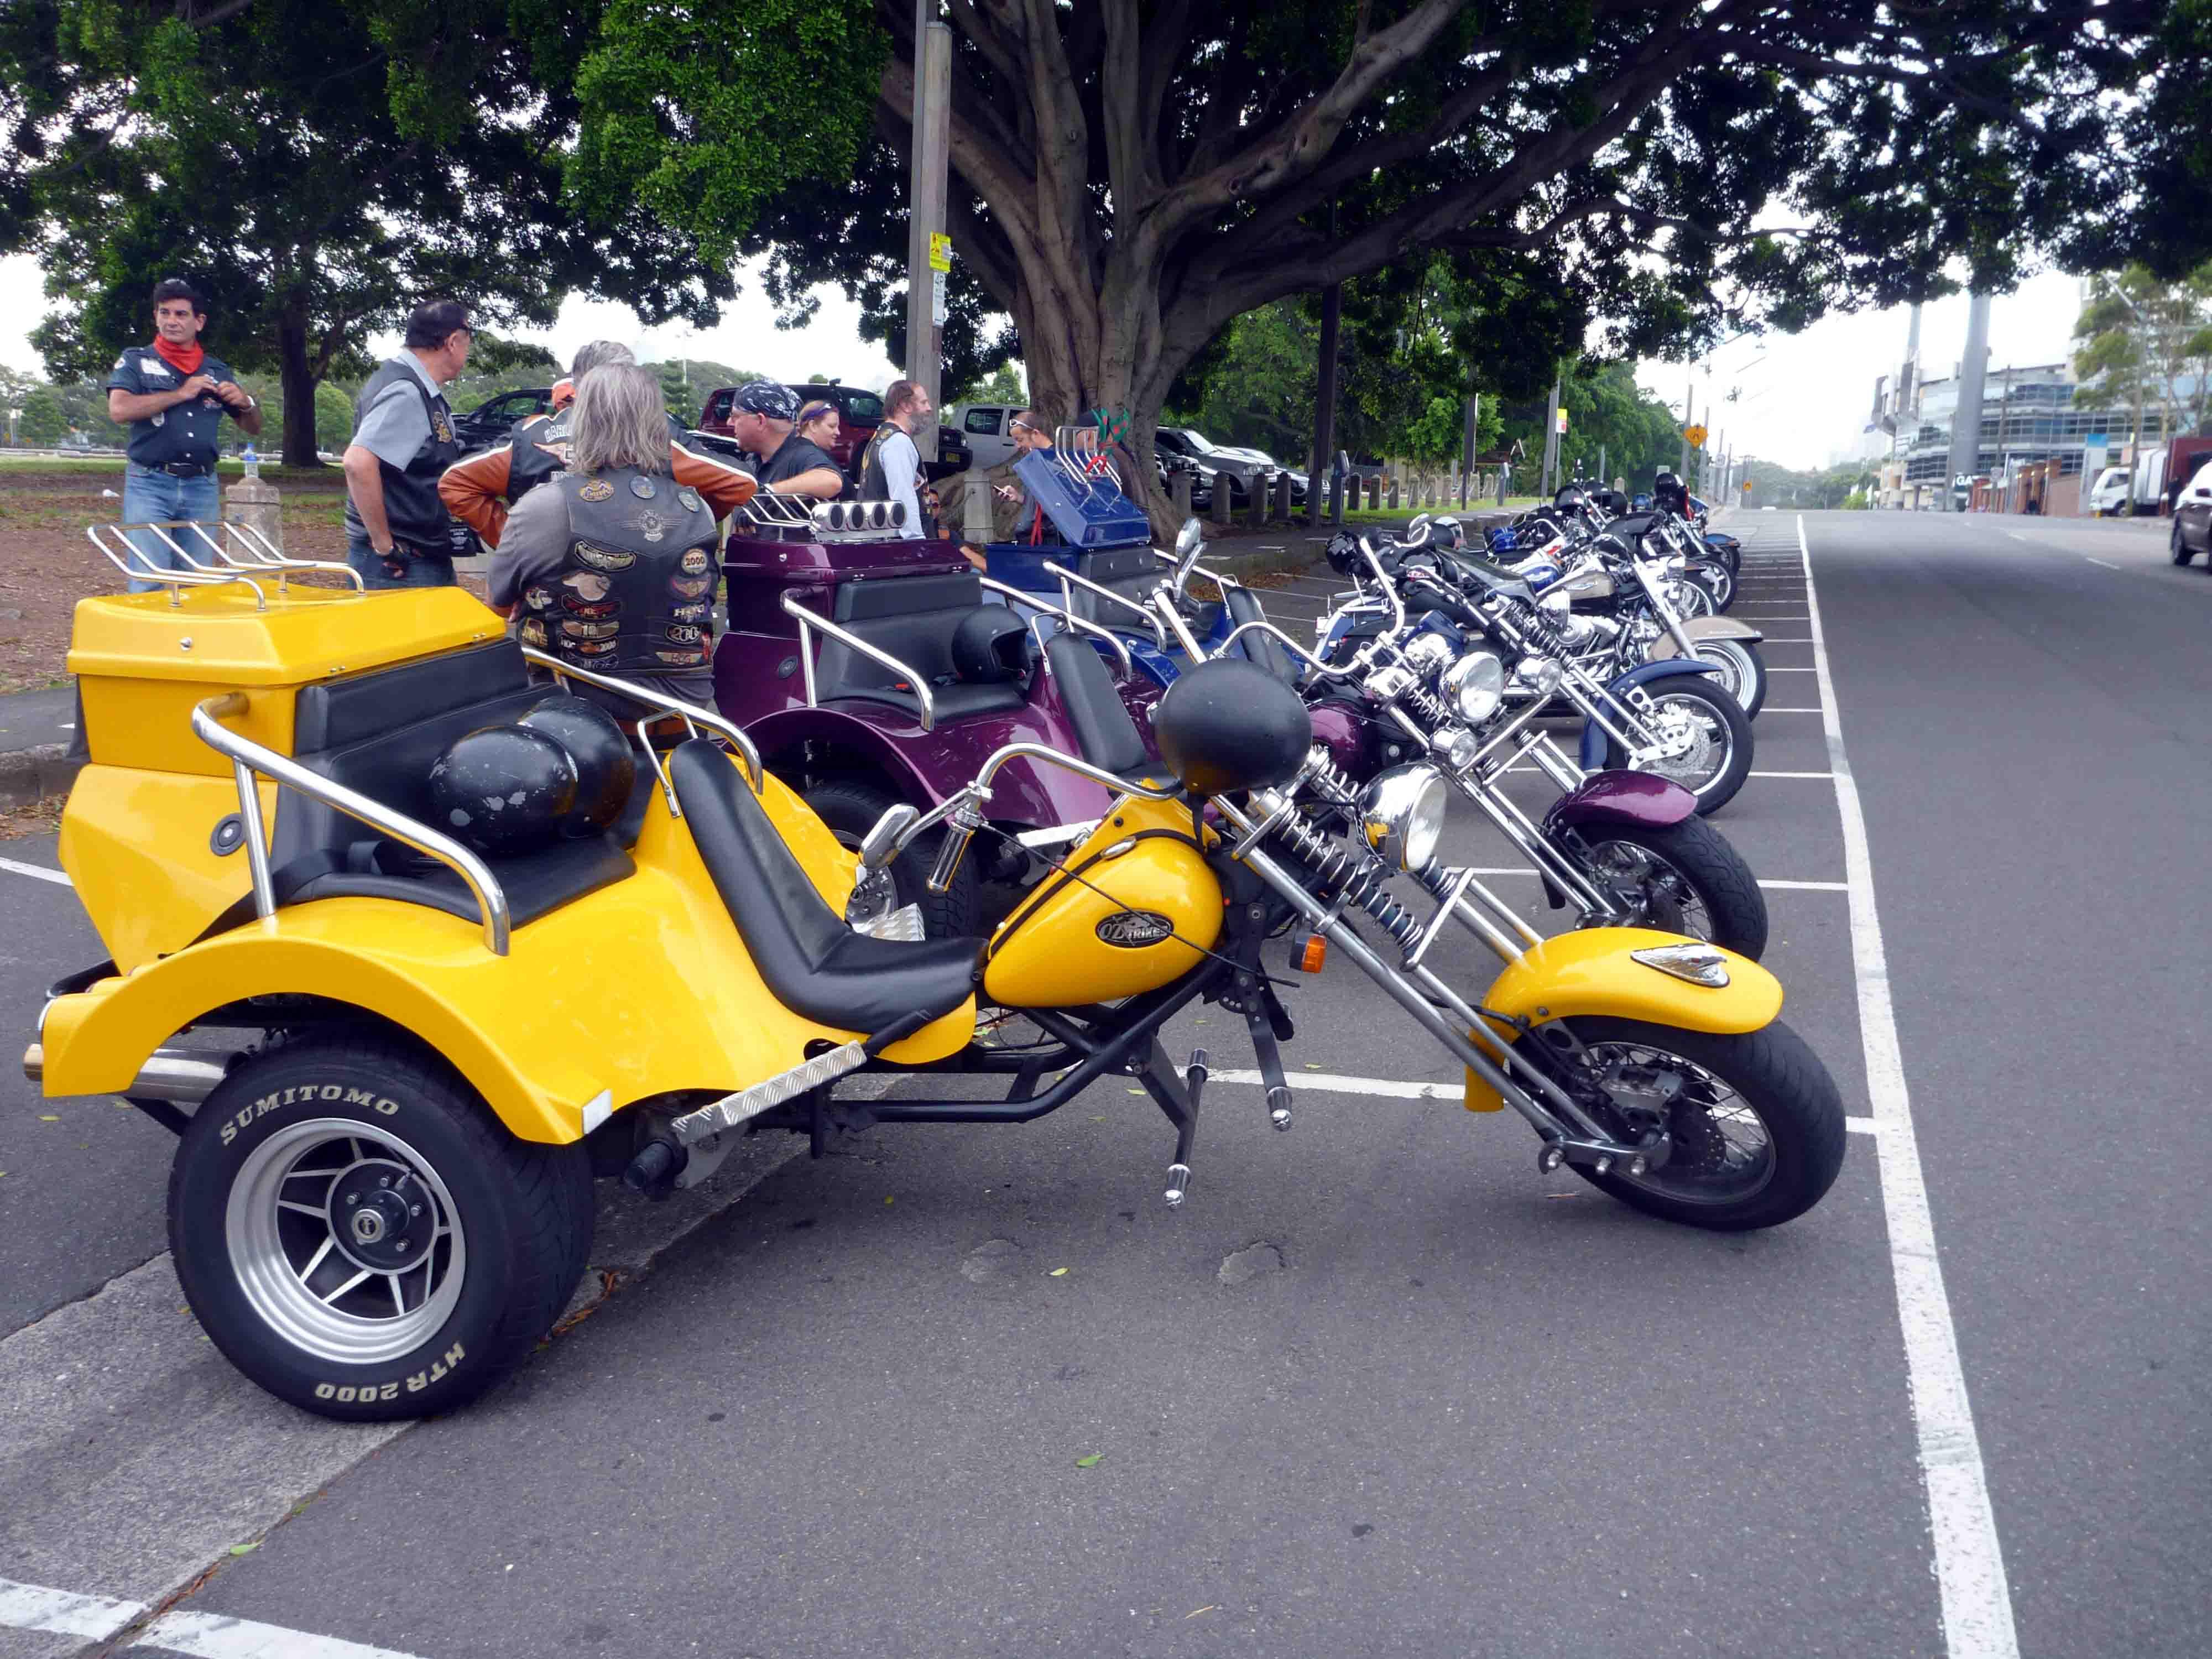 Harley Davidson Tours NSW